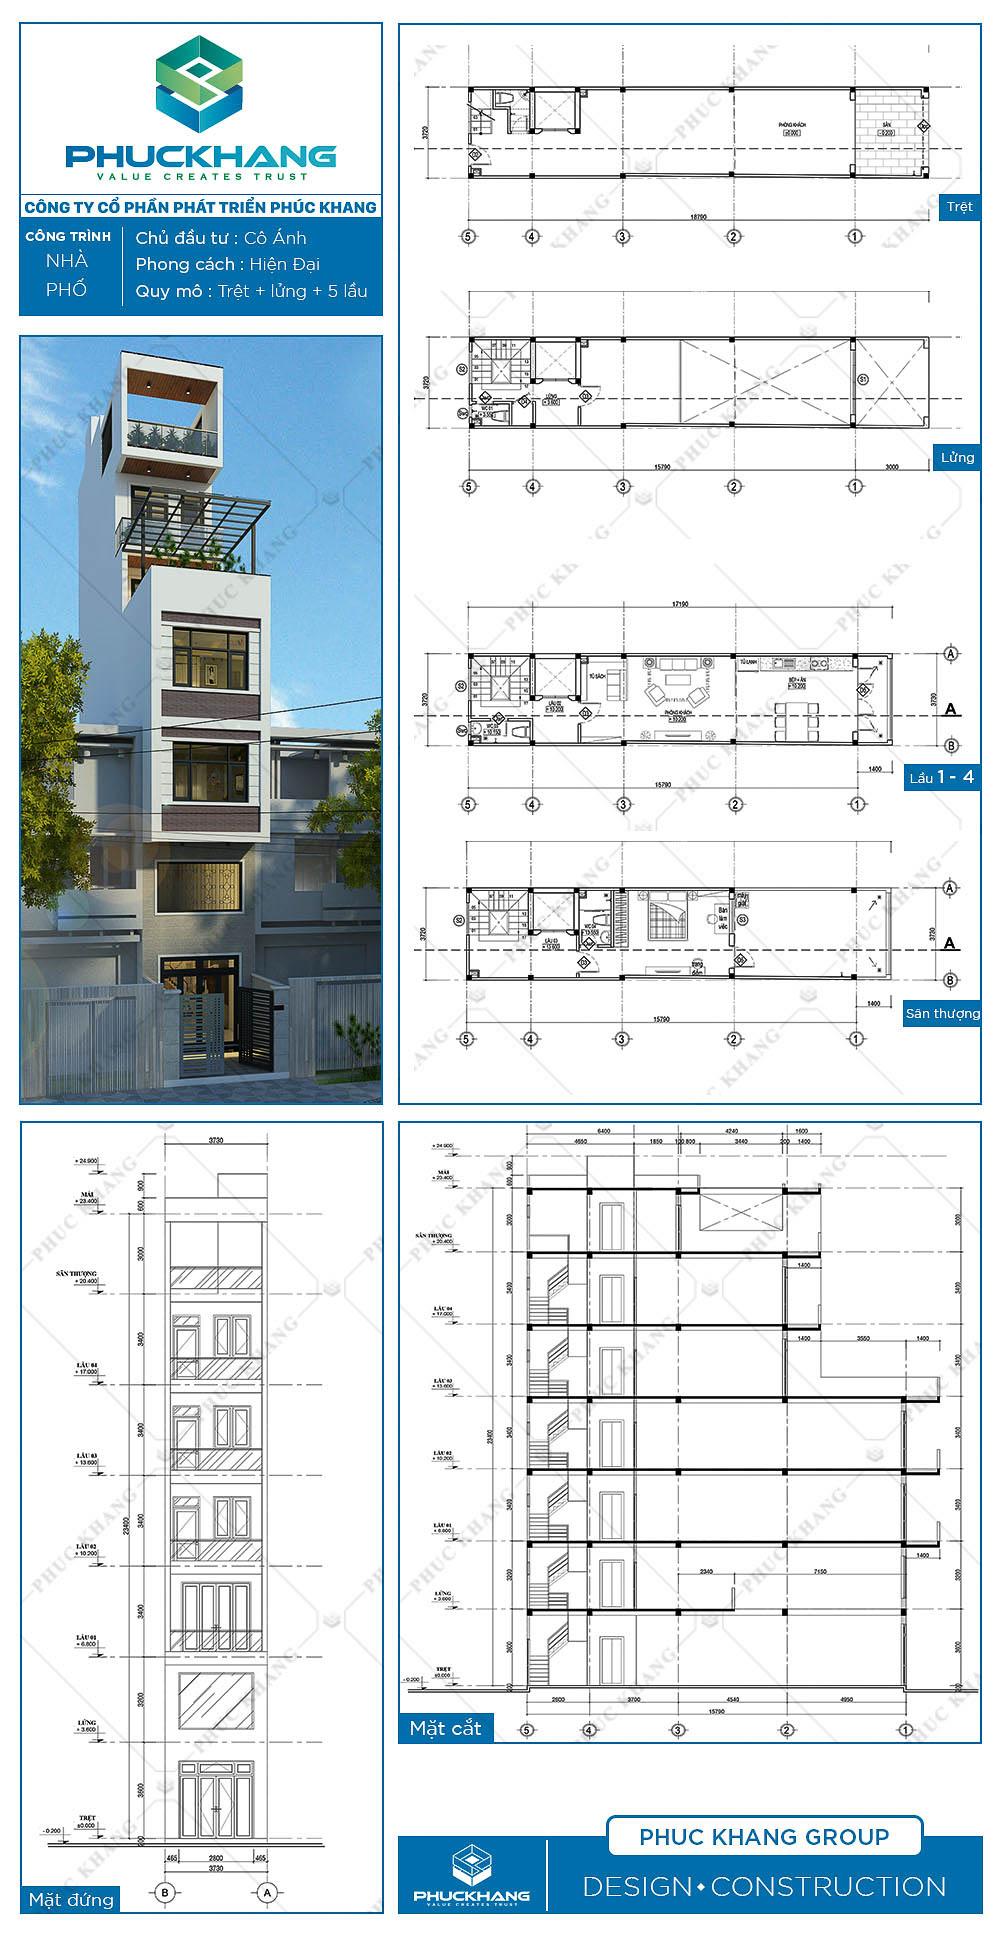 thiết kế nhà phố (3.7x18)m 7 tầng